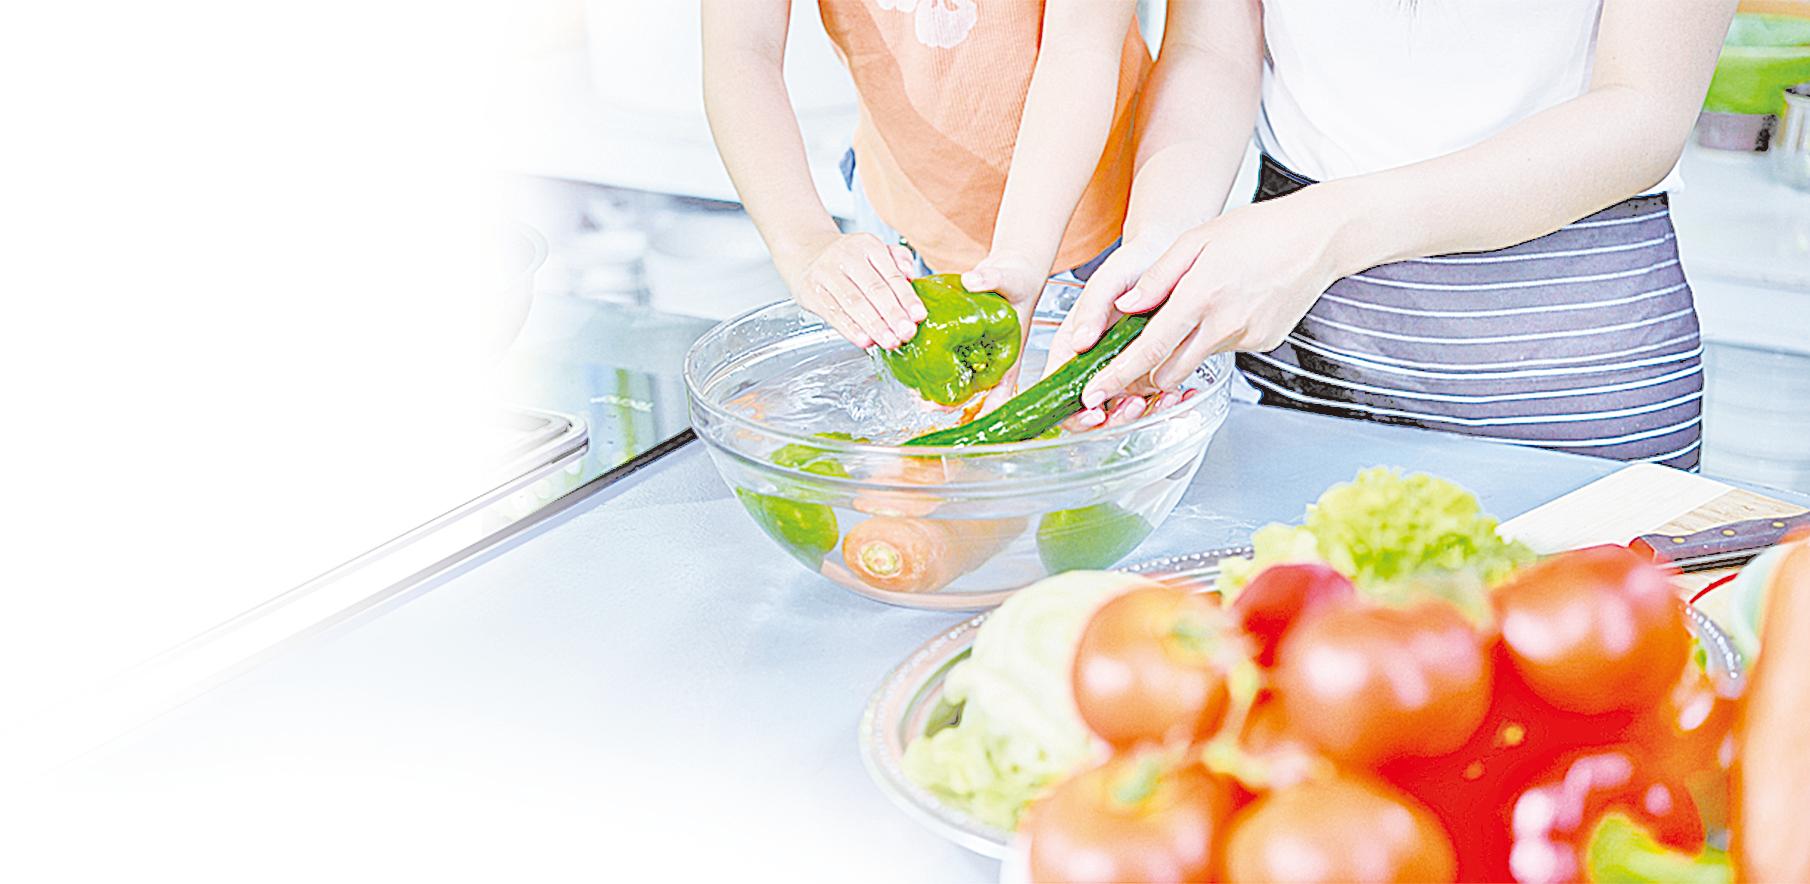 建議你熟悉不同蔬果的清潔方法,讓你的飲食更安全健康。